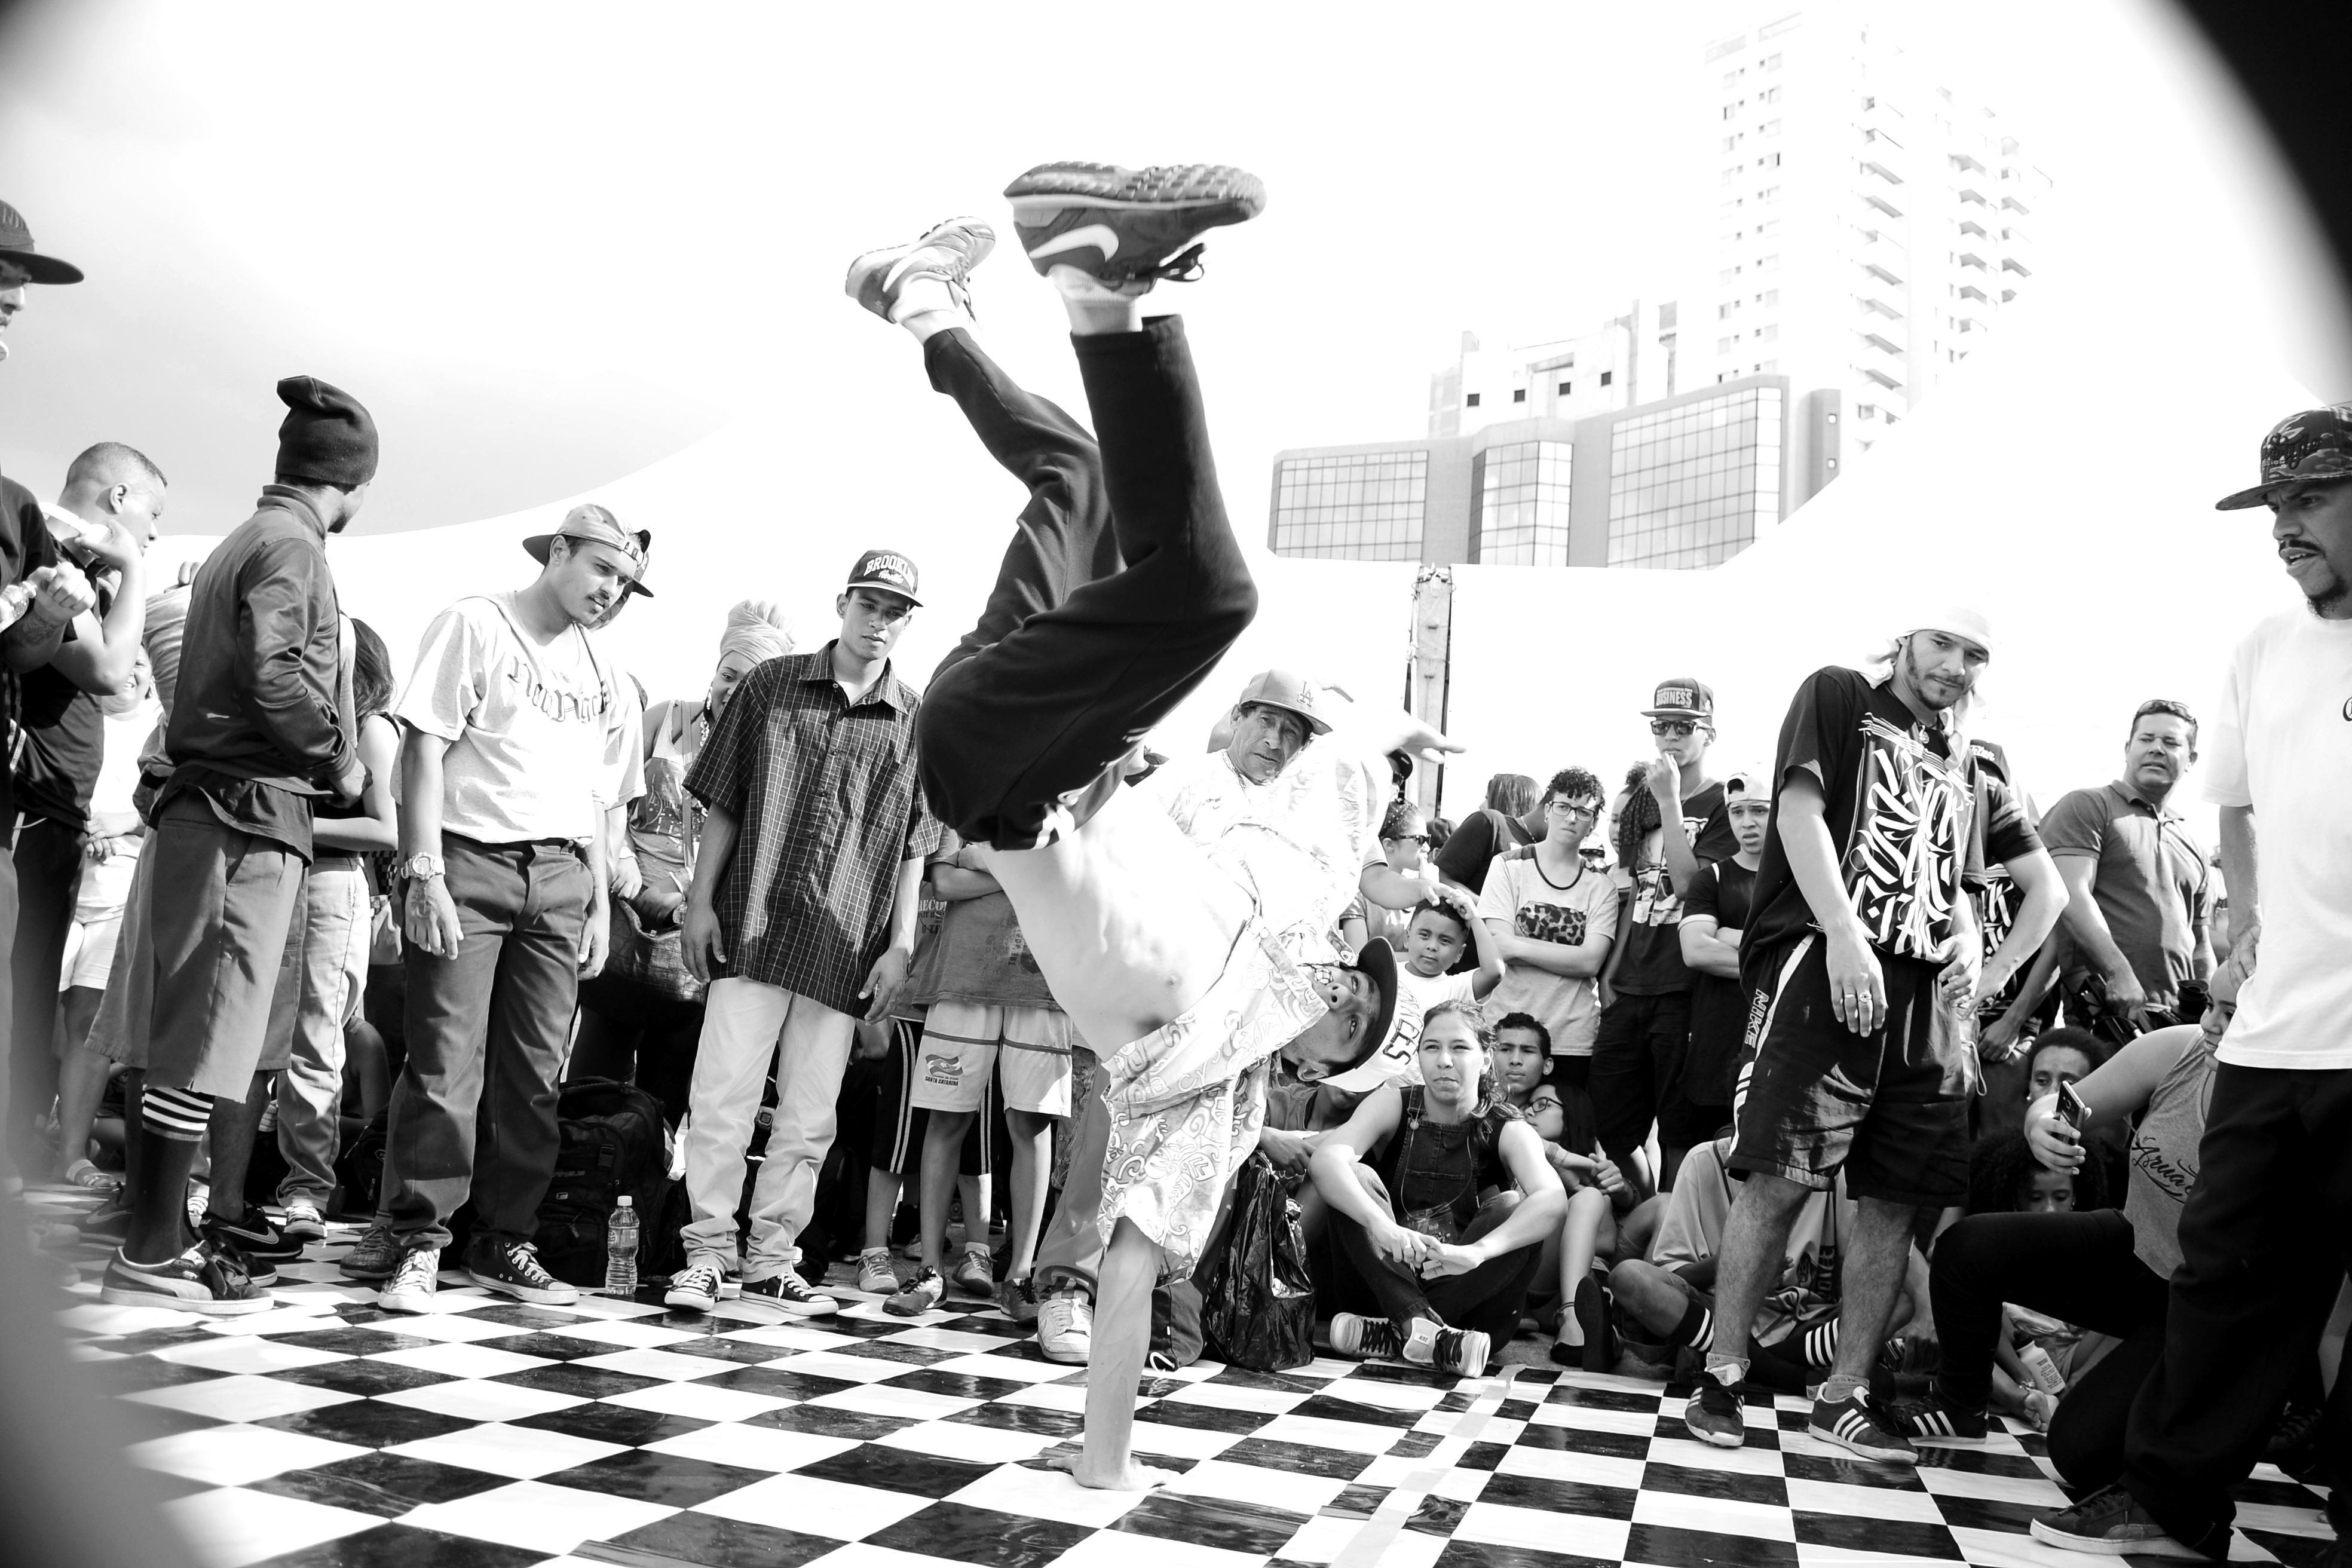 encontro de hip hop sao paulo dia todo 2236